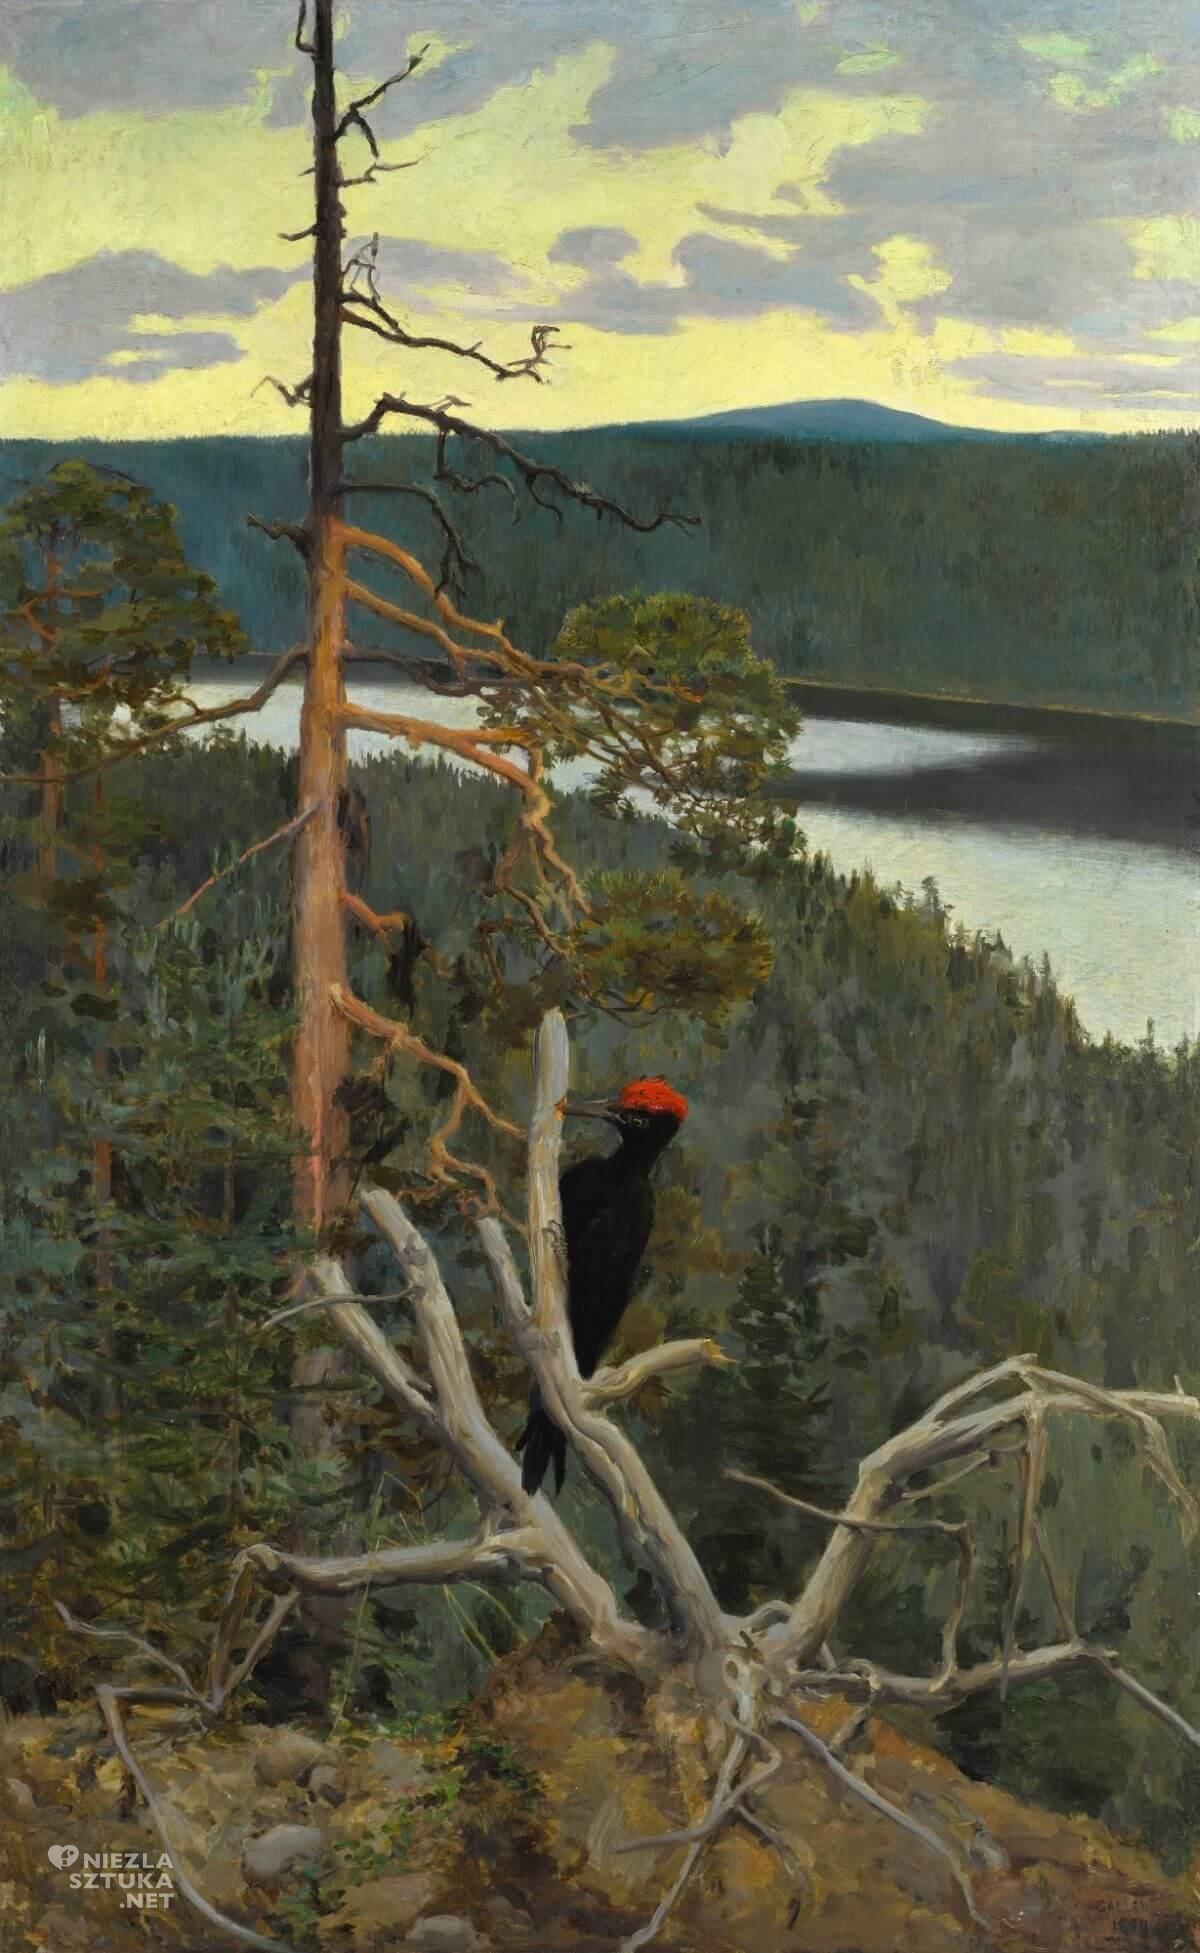 Akseli Gallen-Kallela, wielki czarny dzięcioł, sztuka skandynawska, Niezła sztuka